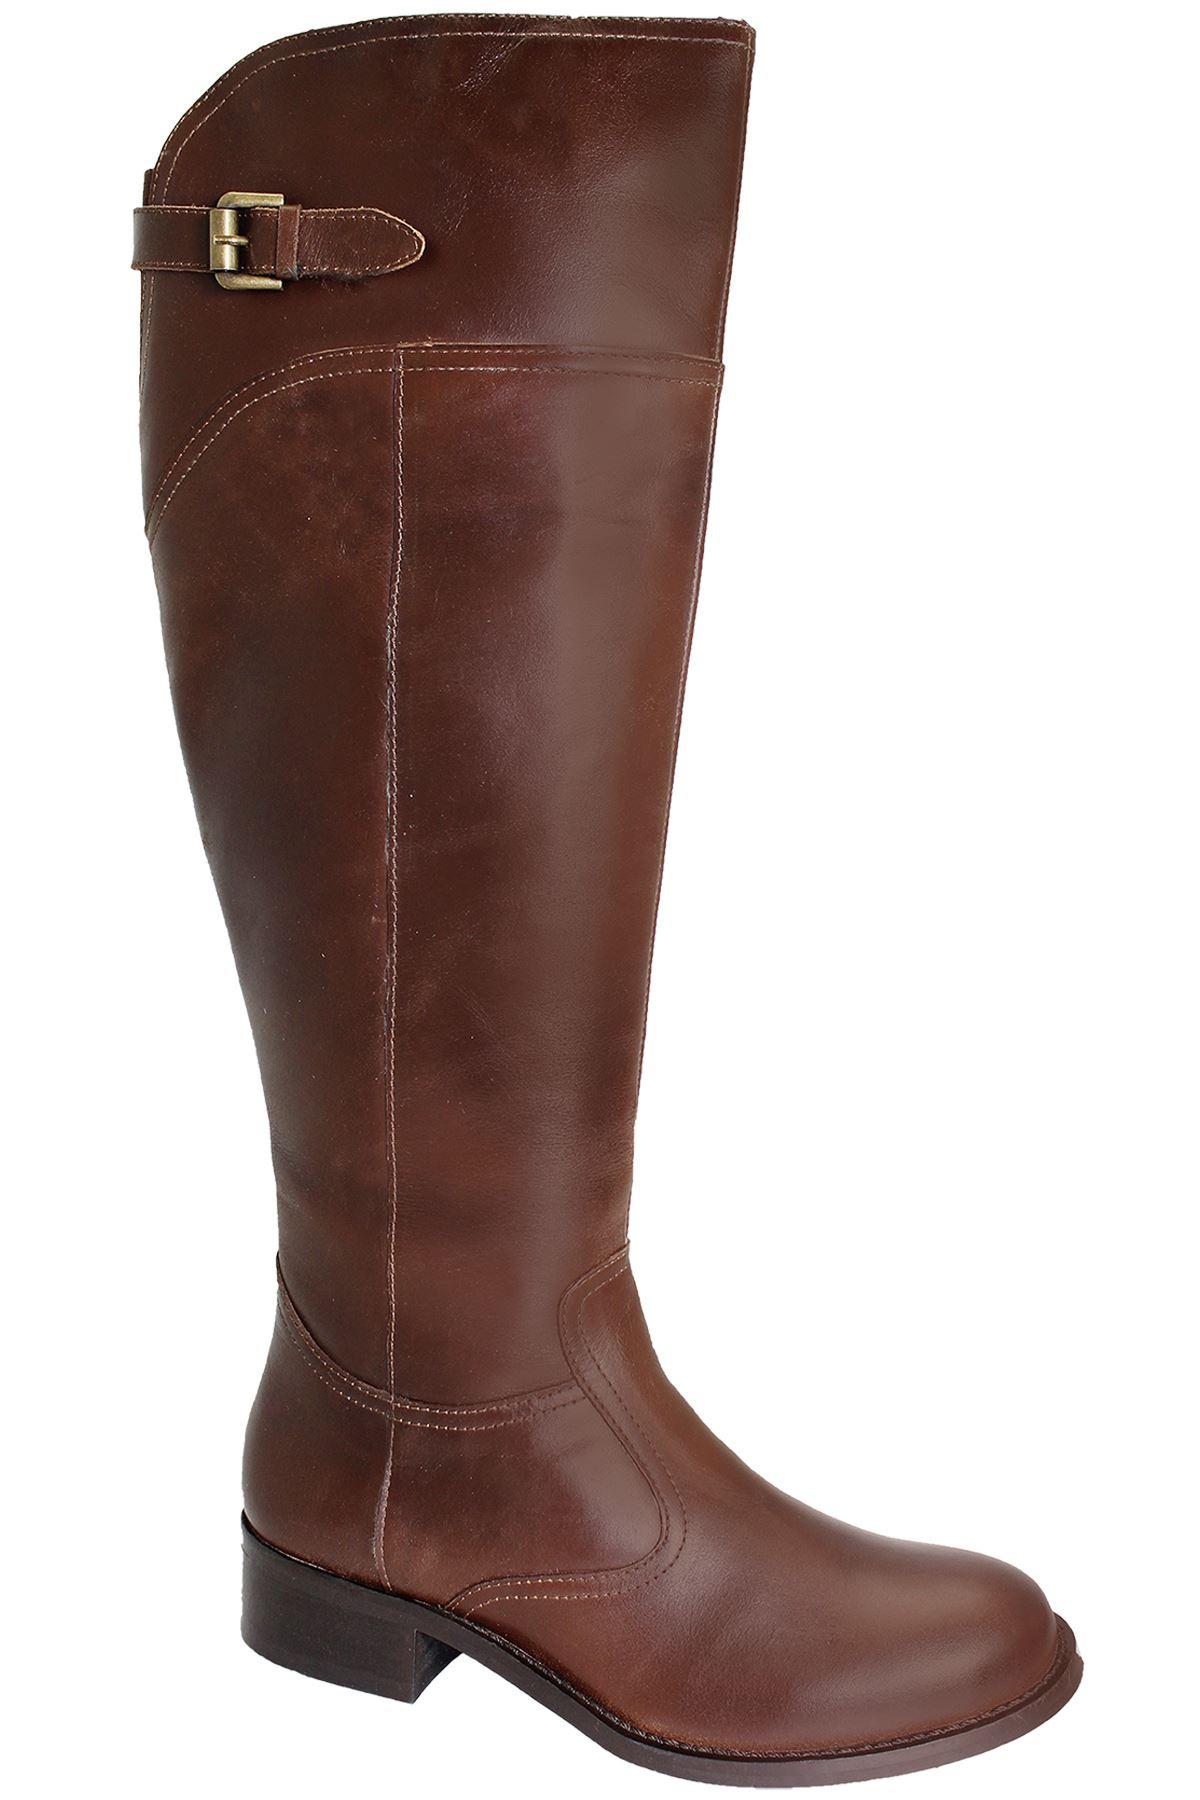 DONNA S Tacco da moto scarpe donna donna donna al ginocchio vera pelle stivali   0ed81a